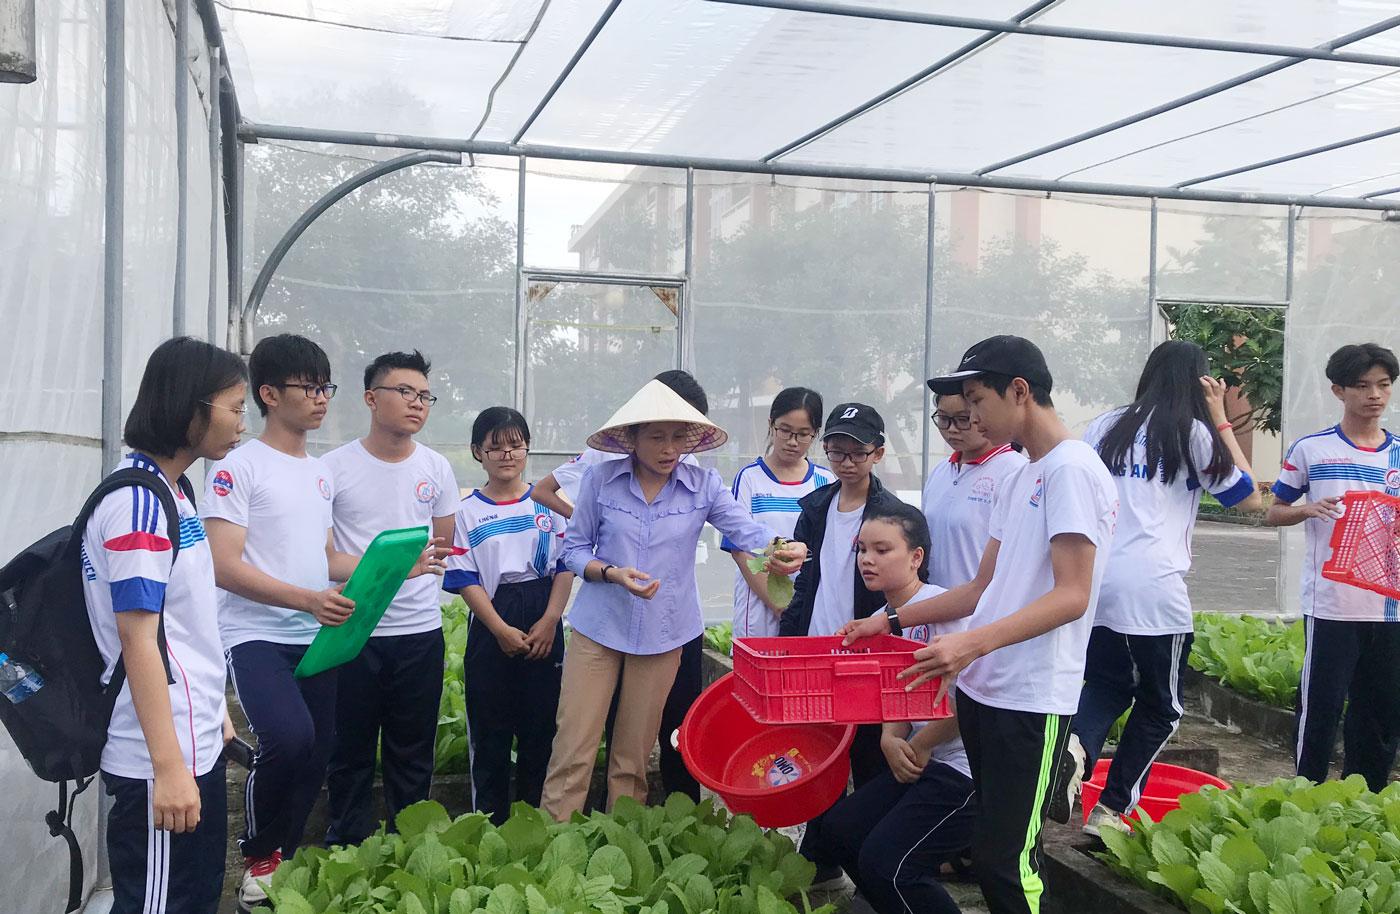 Giáo viên hướng dẫn các em về cách thu hoạch rau